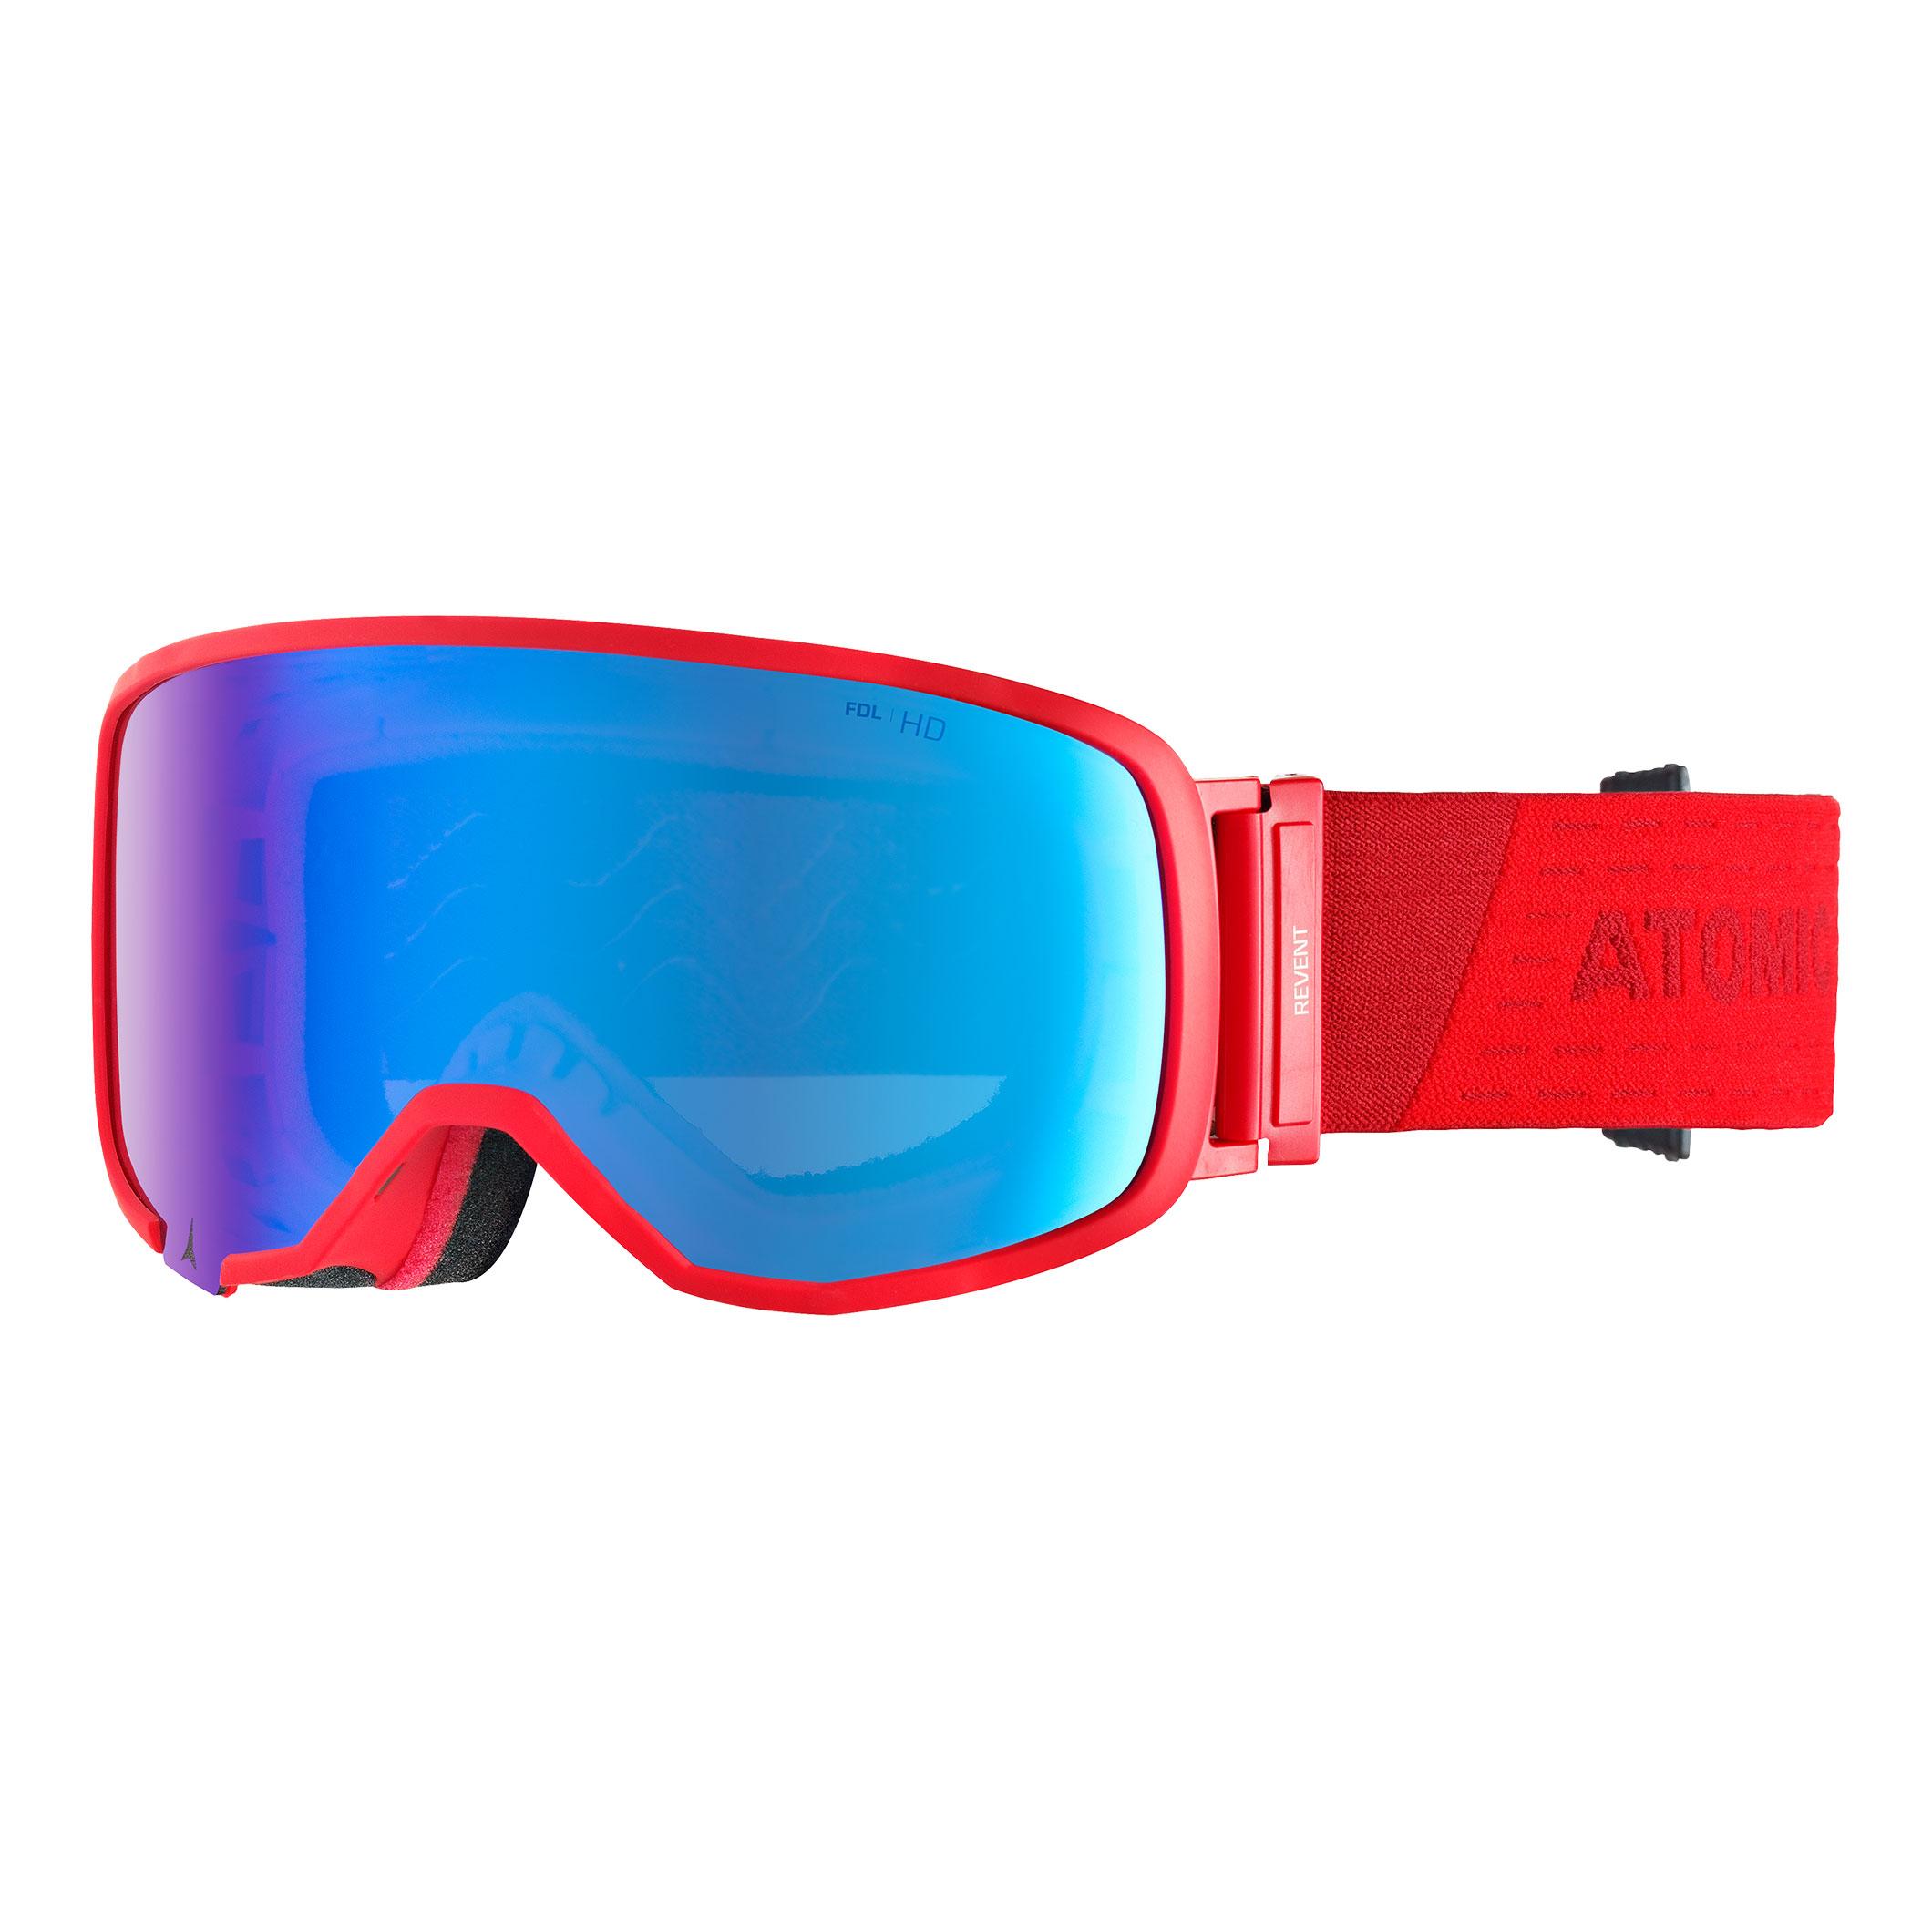 ATOMIC REVENT S FDL STEREO HD par Atomic (Lunettes de ski)ATOMIC REVENT S FDL STEREO HD par Atomic (Lunettes de ski)